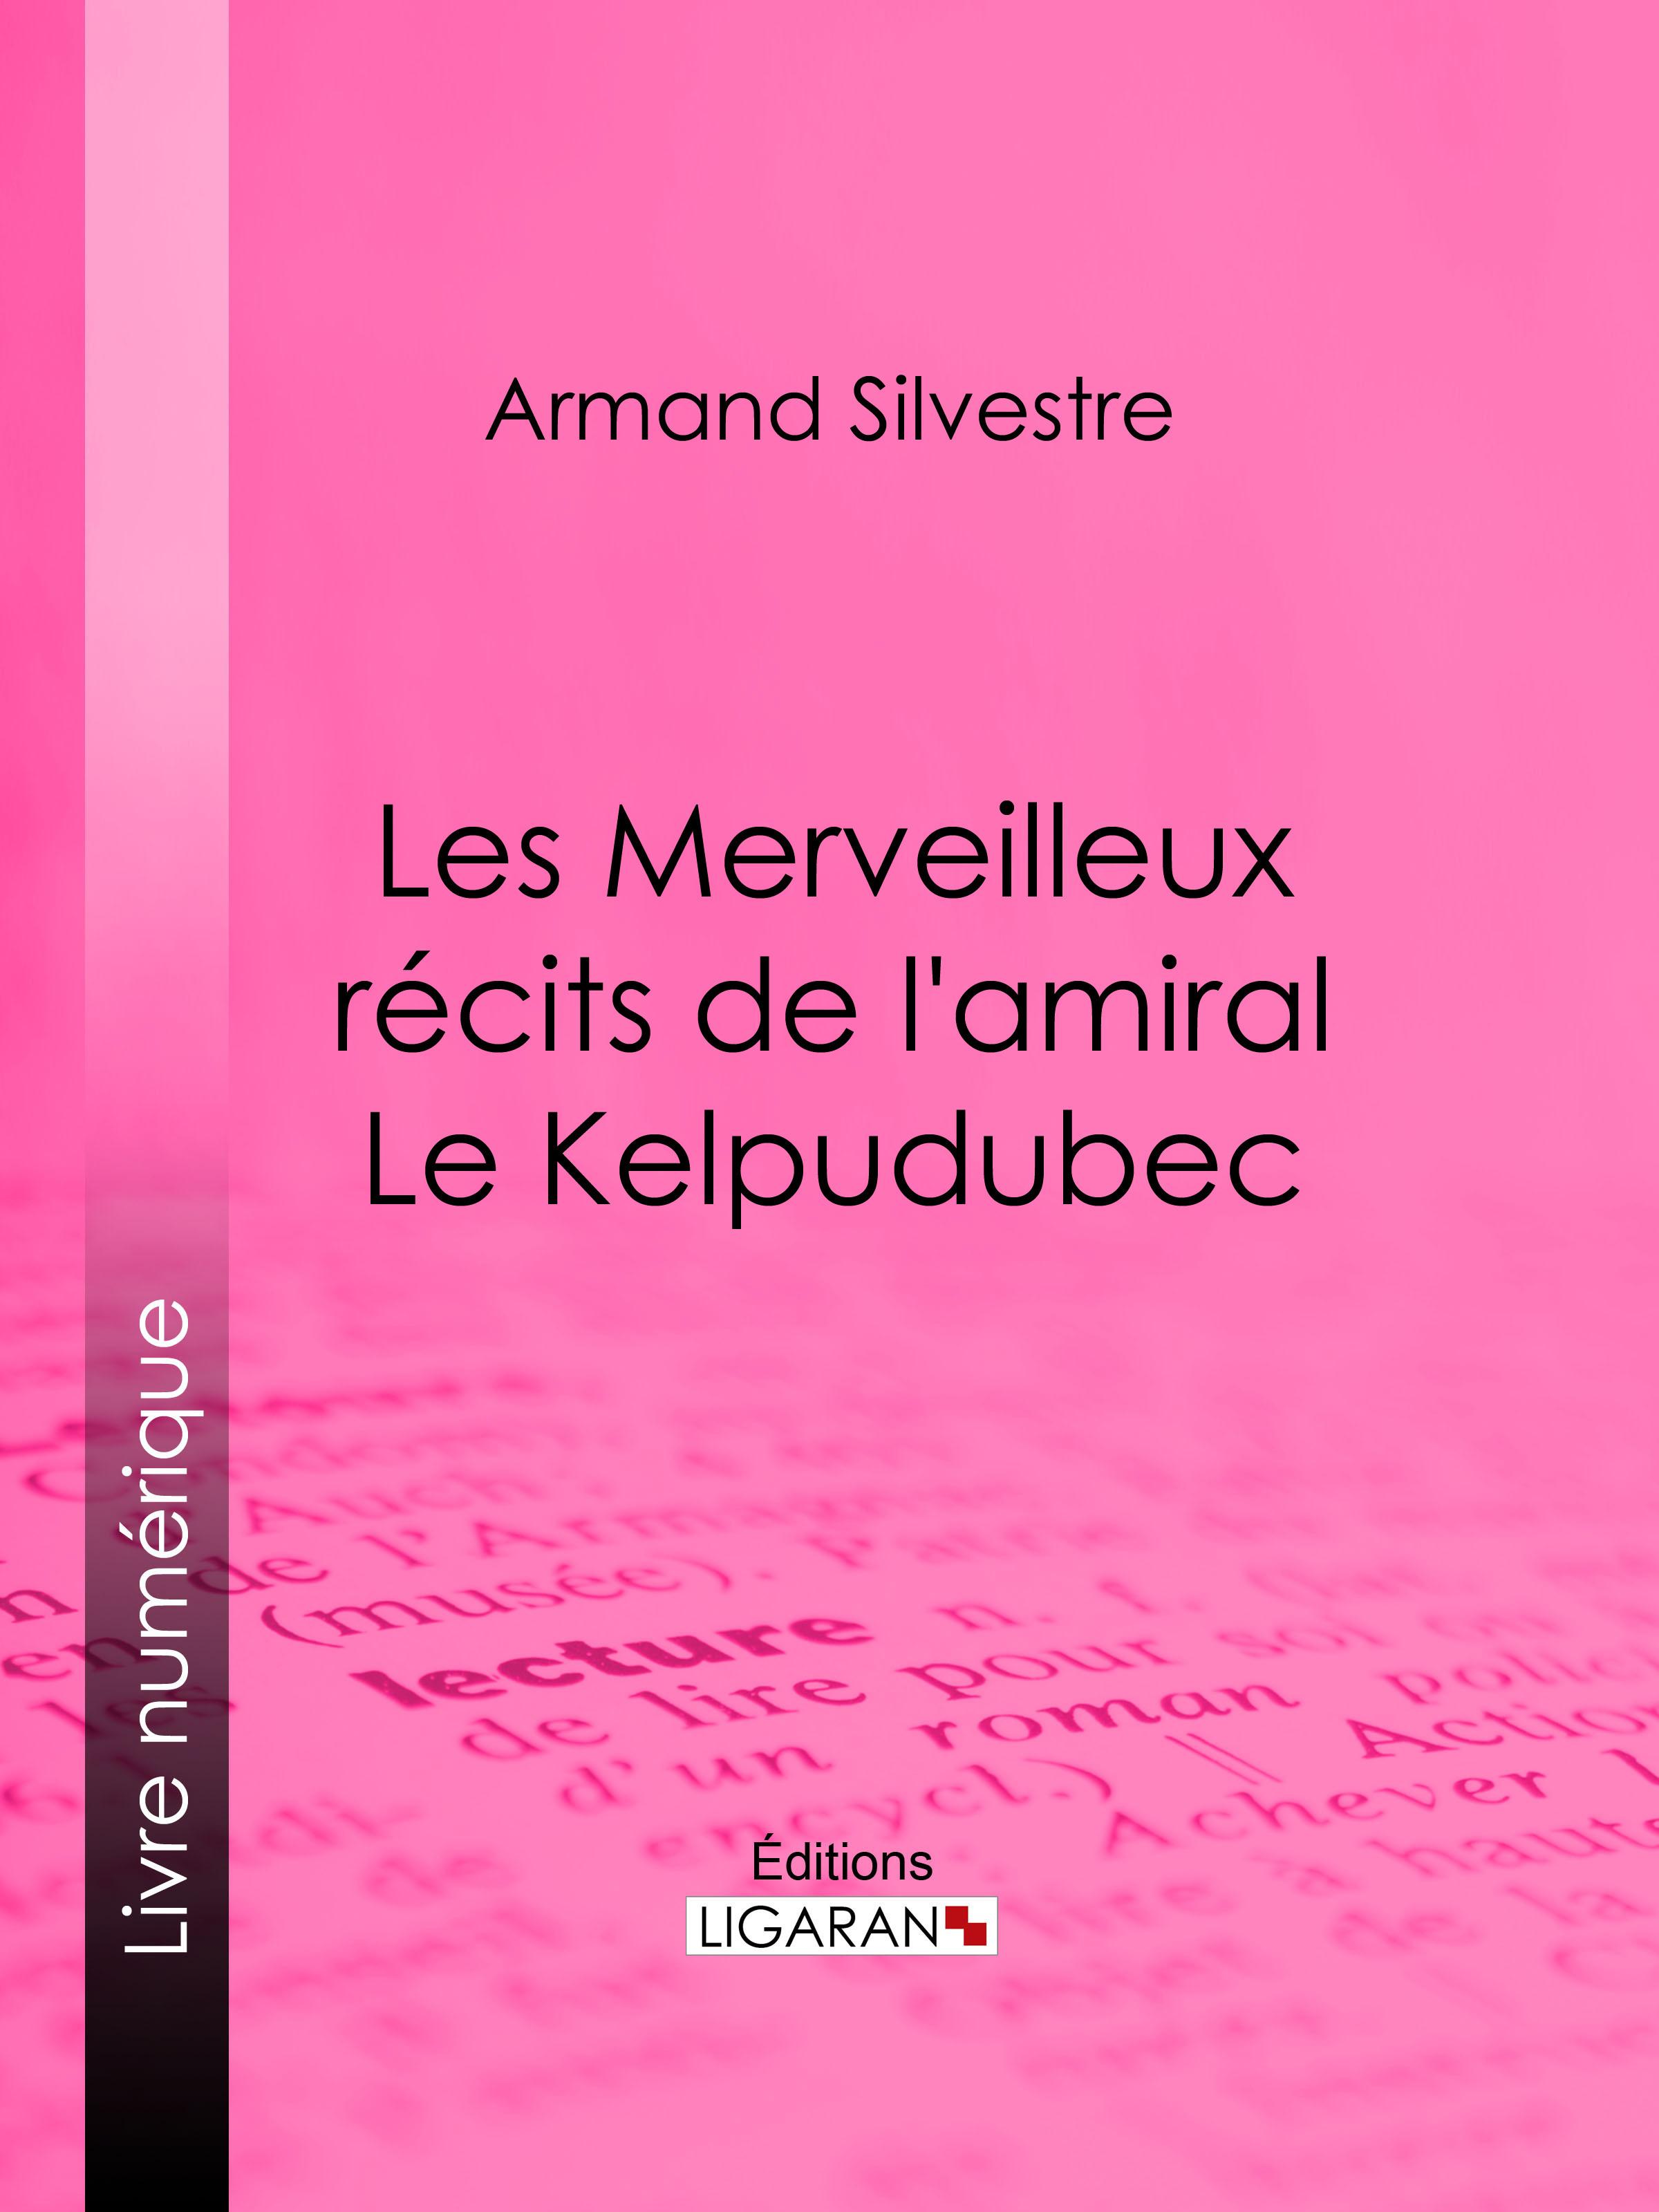 Les Merveilleux récits de l'amiral Le Kelpudubec